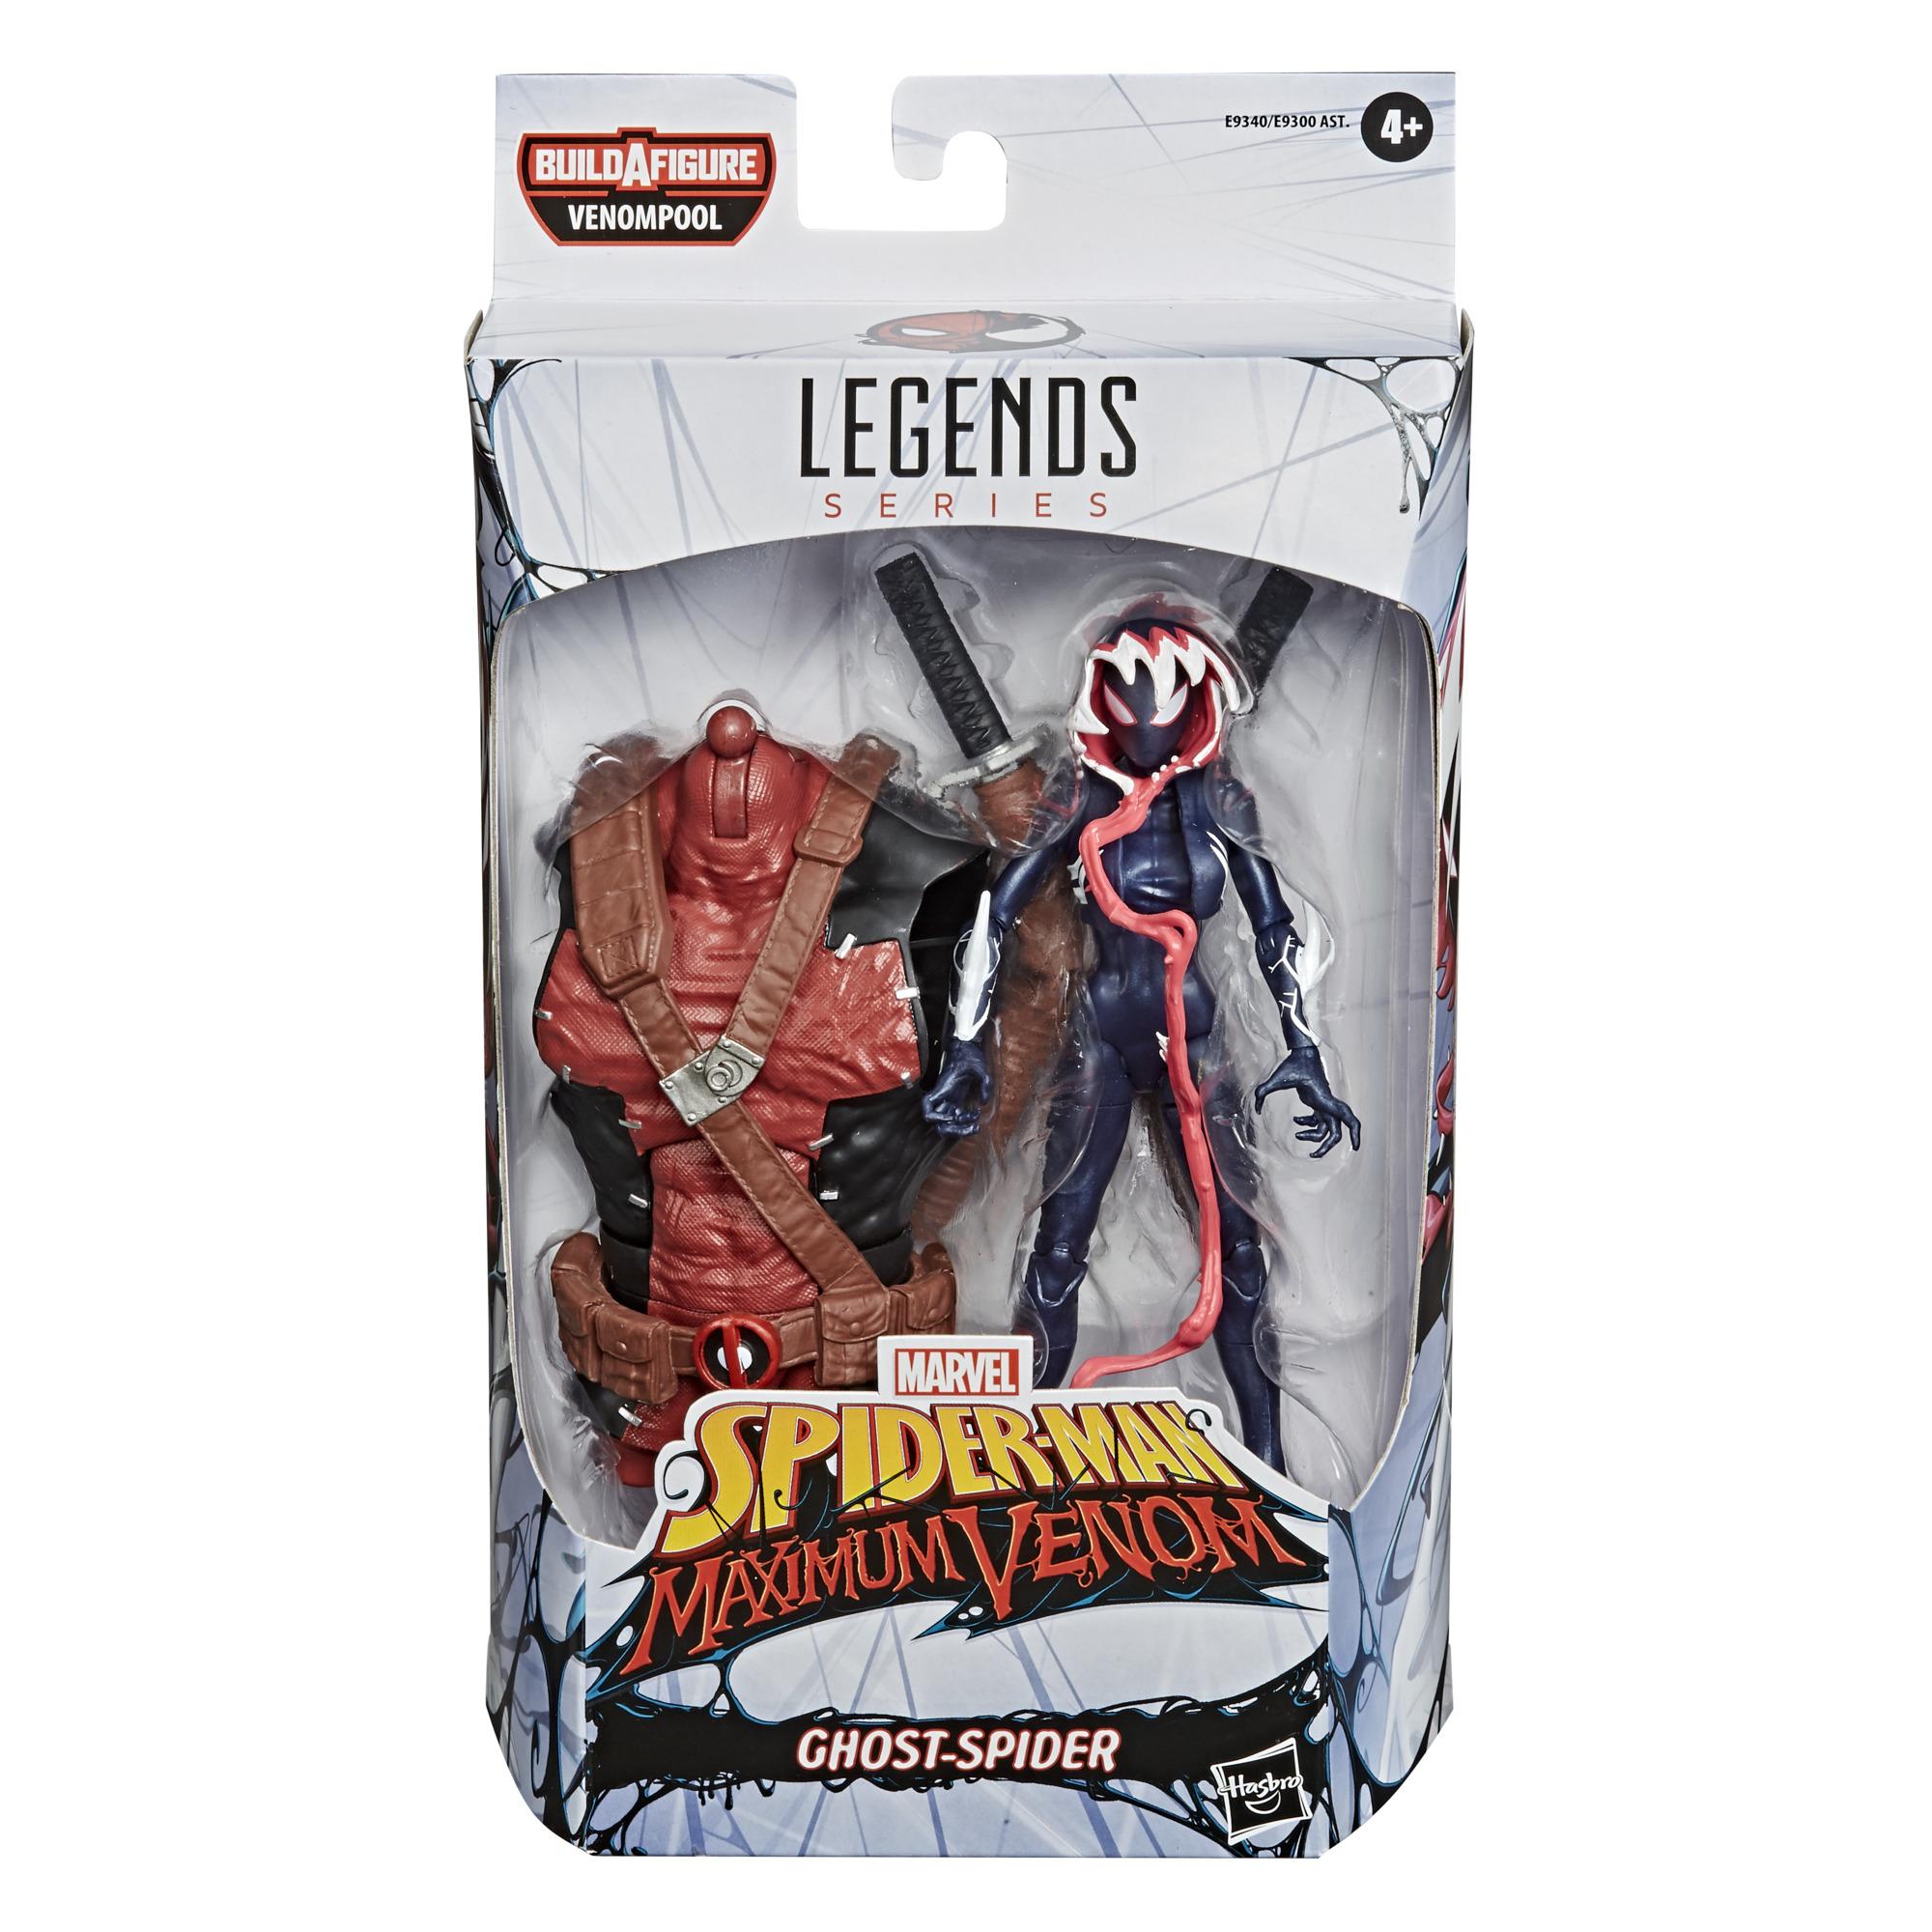 Marvel Legends Series Venom Action Figures Assortment (7) E93005L00 38827